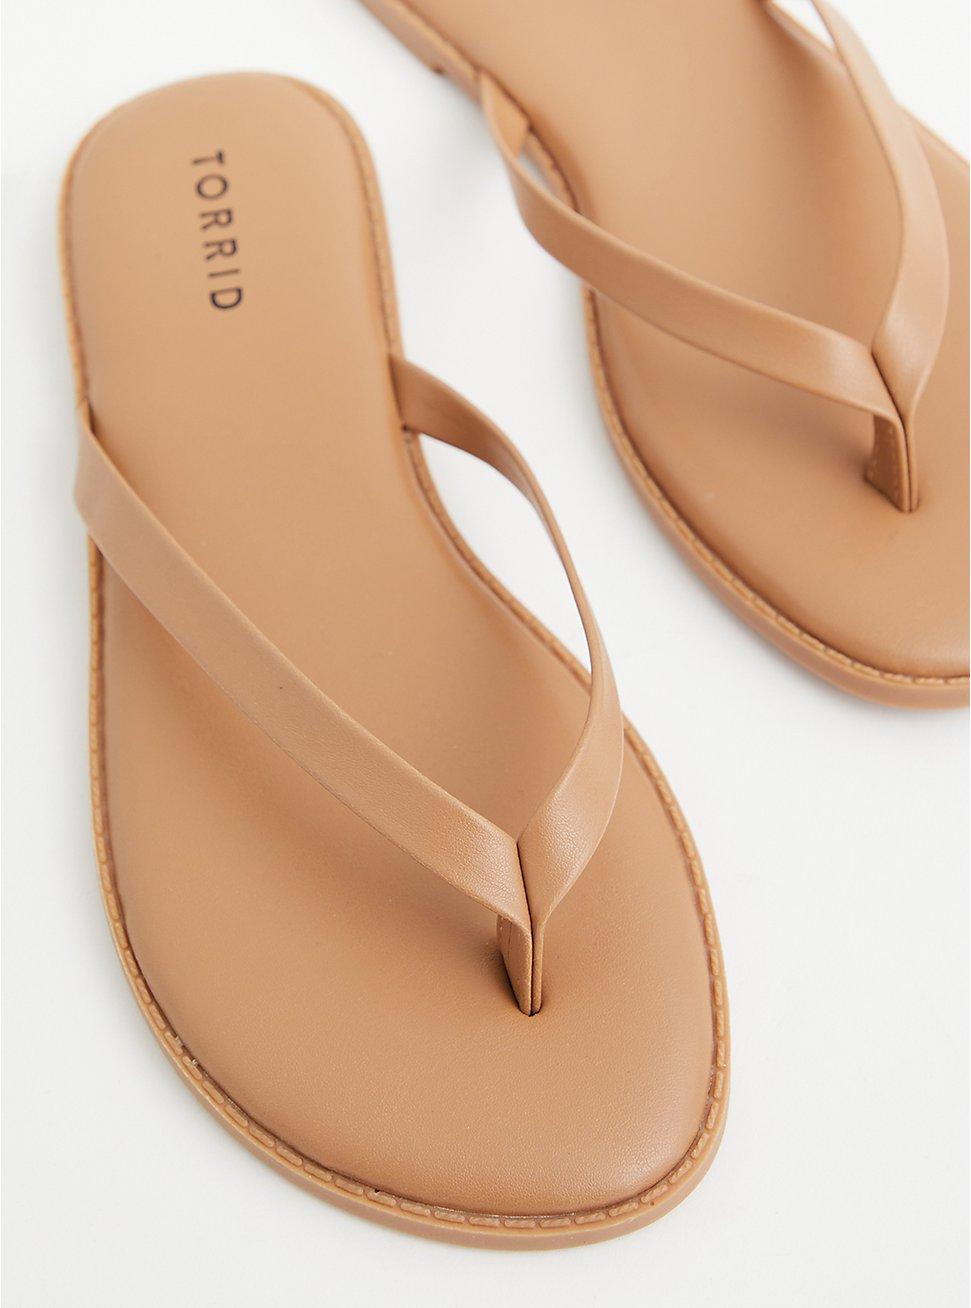 Sunnie - Light Brown Faux Leather Flip Flop (WW), COGNAC, hi-res